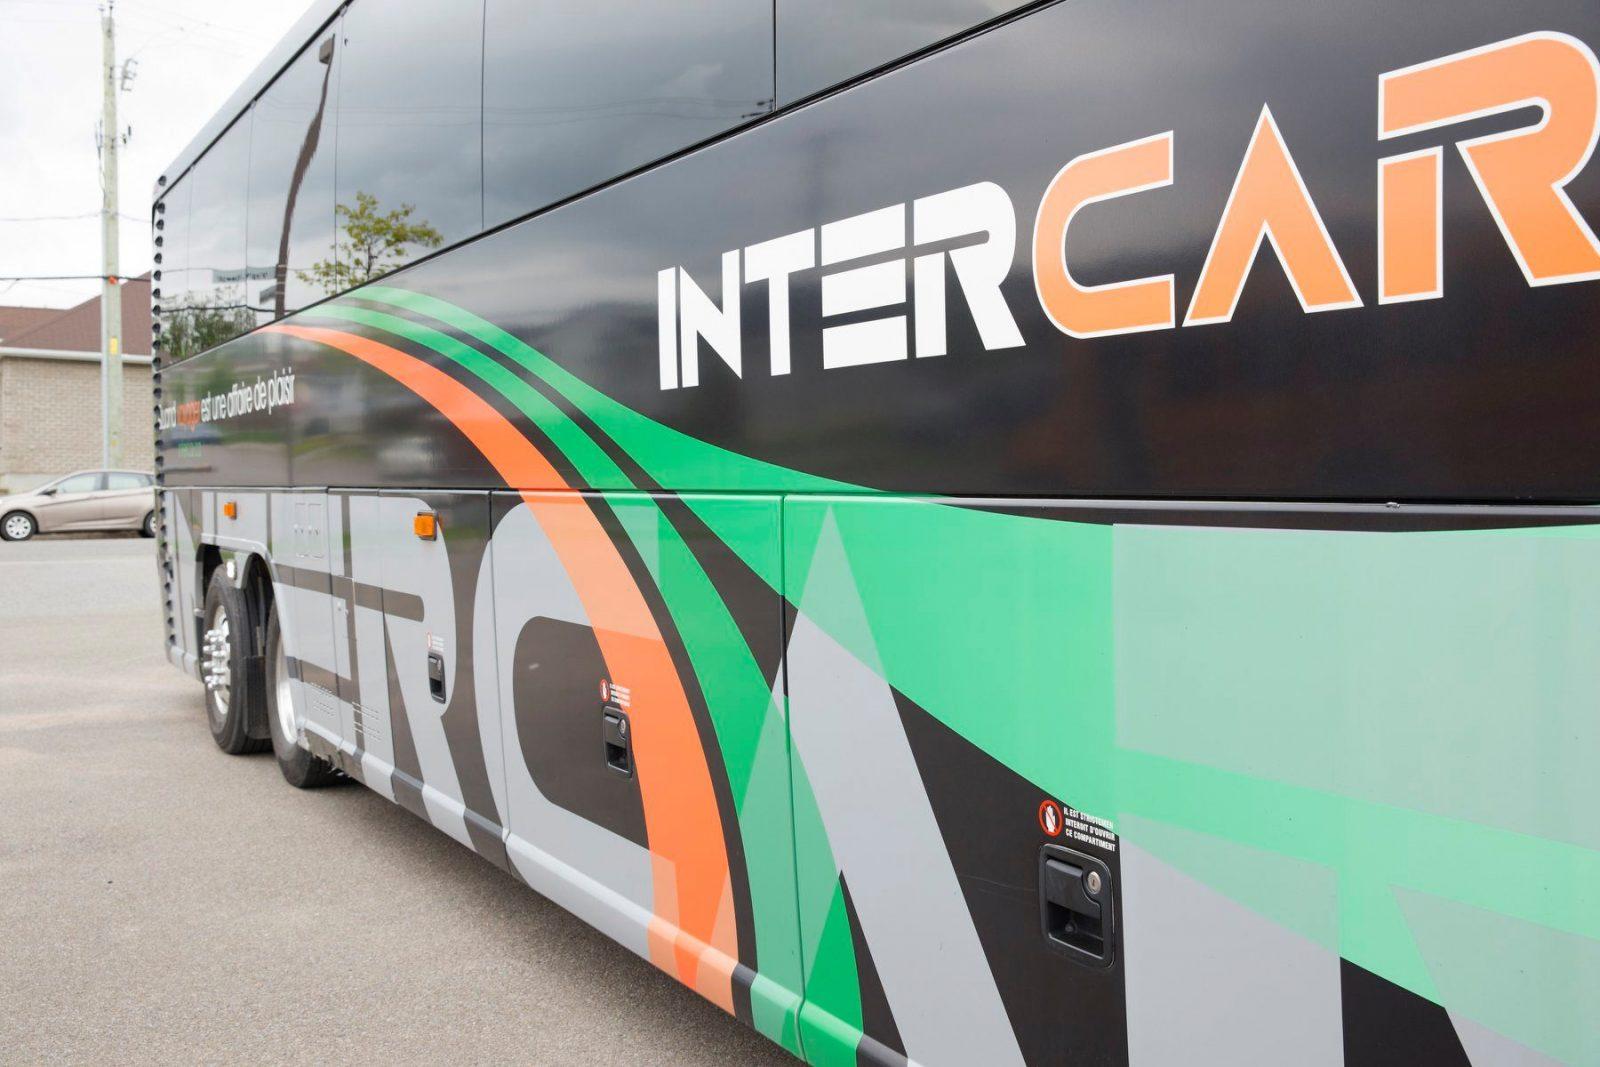 La compagnie Intercar est contrainte à changer ses trajets